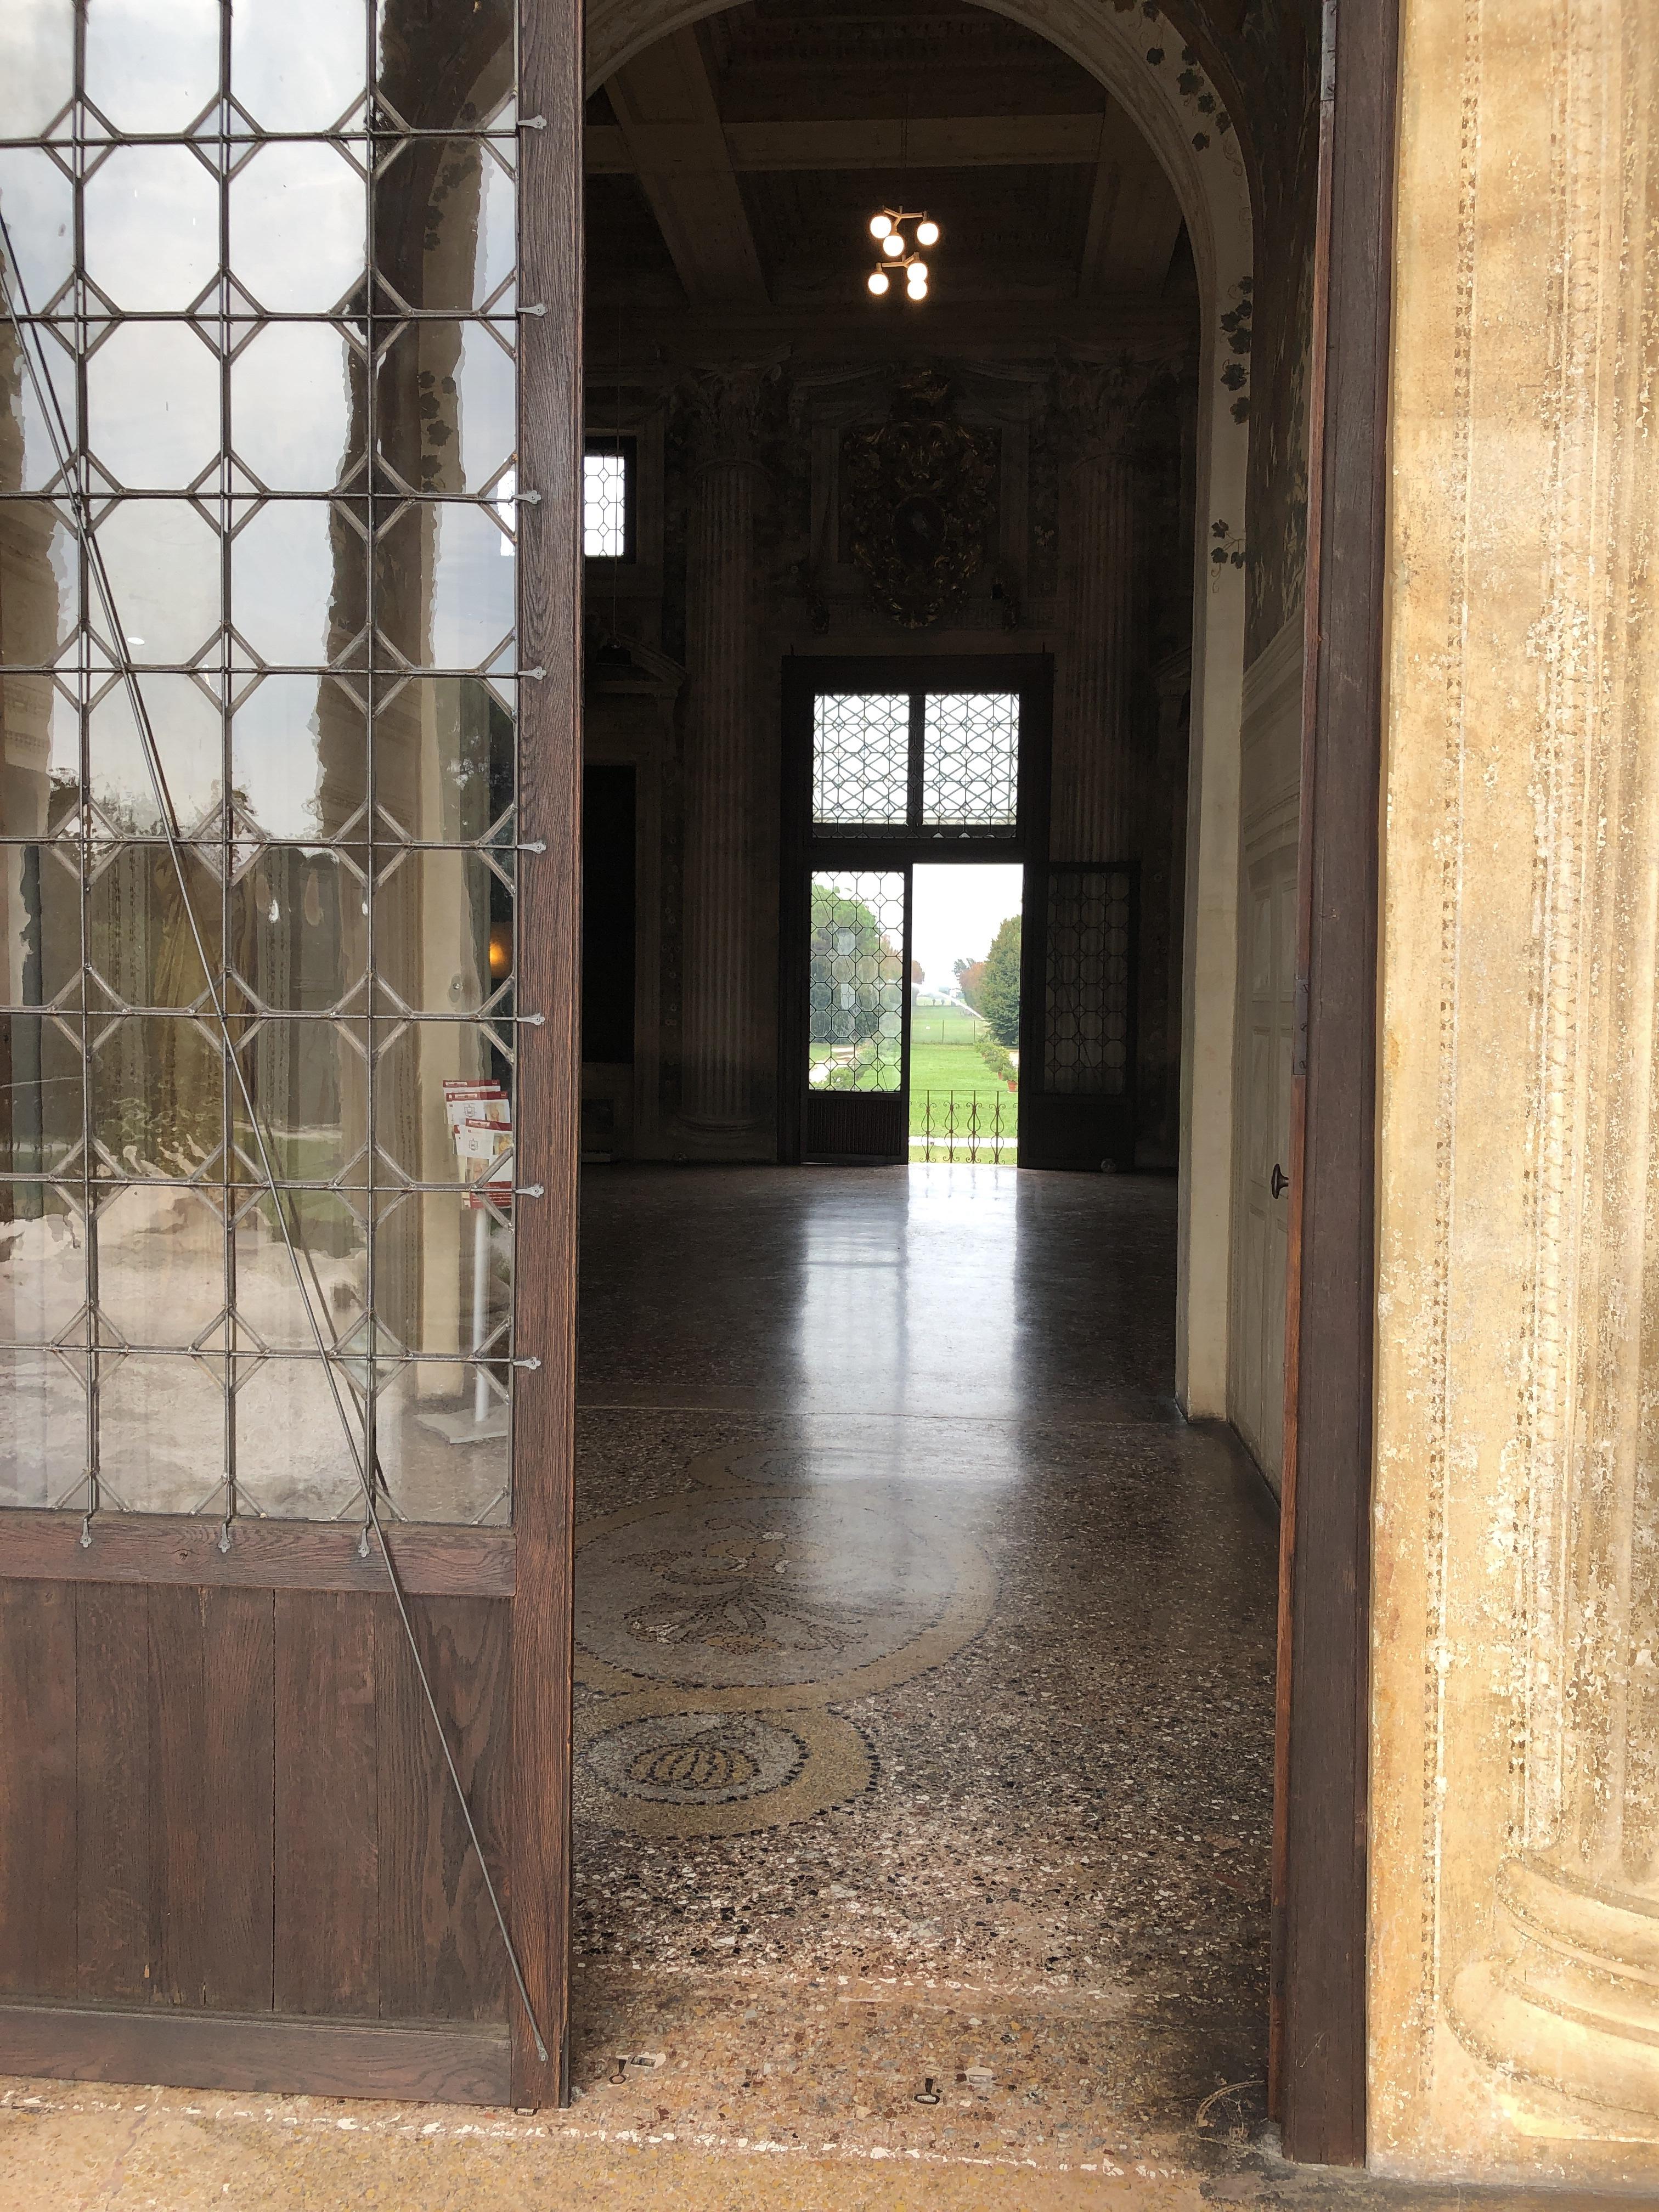 Horizons and Perspectives at Villa Emo, Fanzolo, Veneto